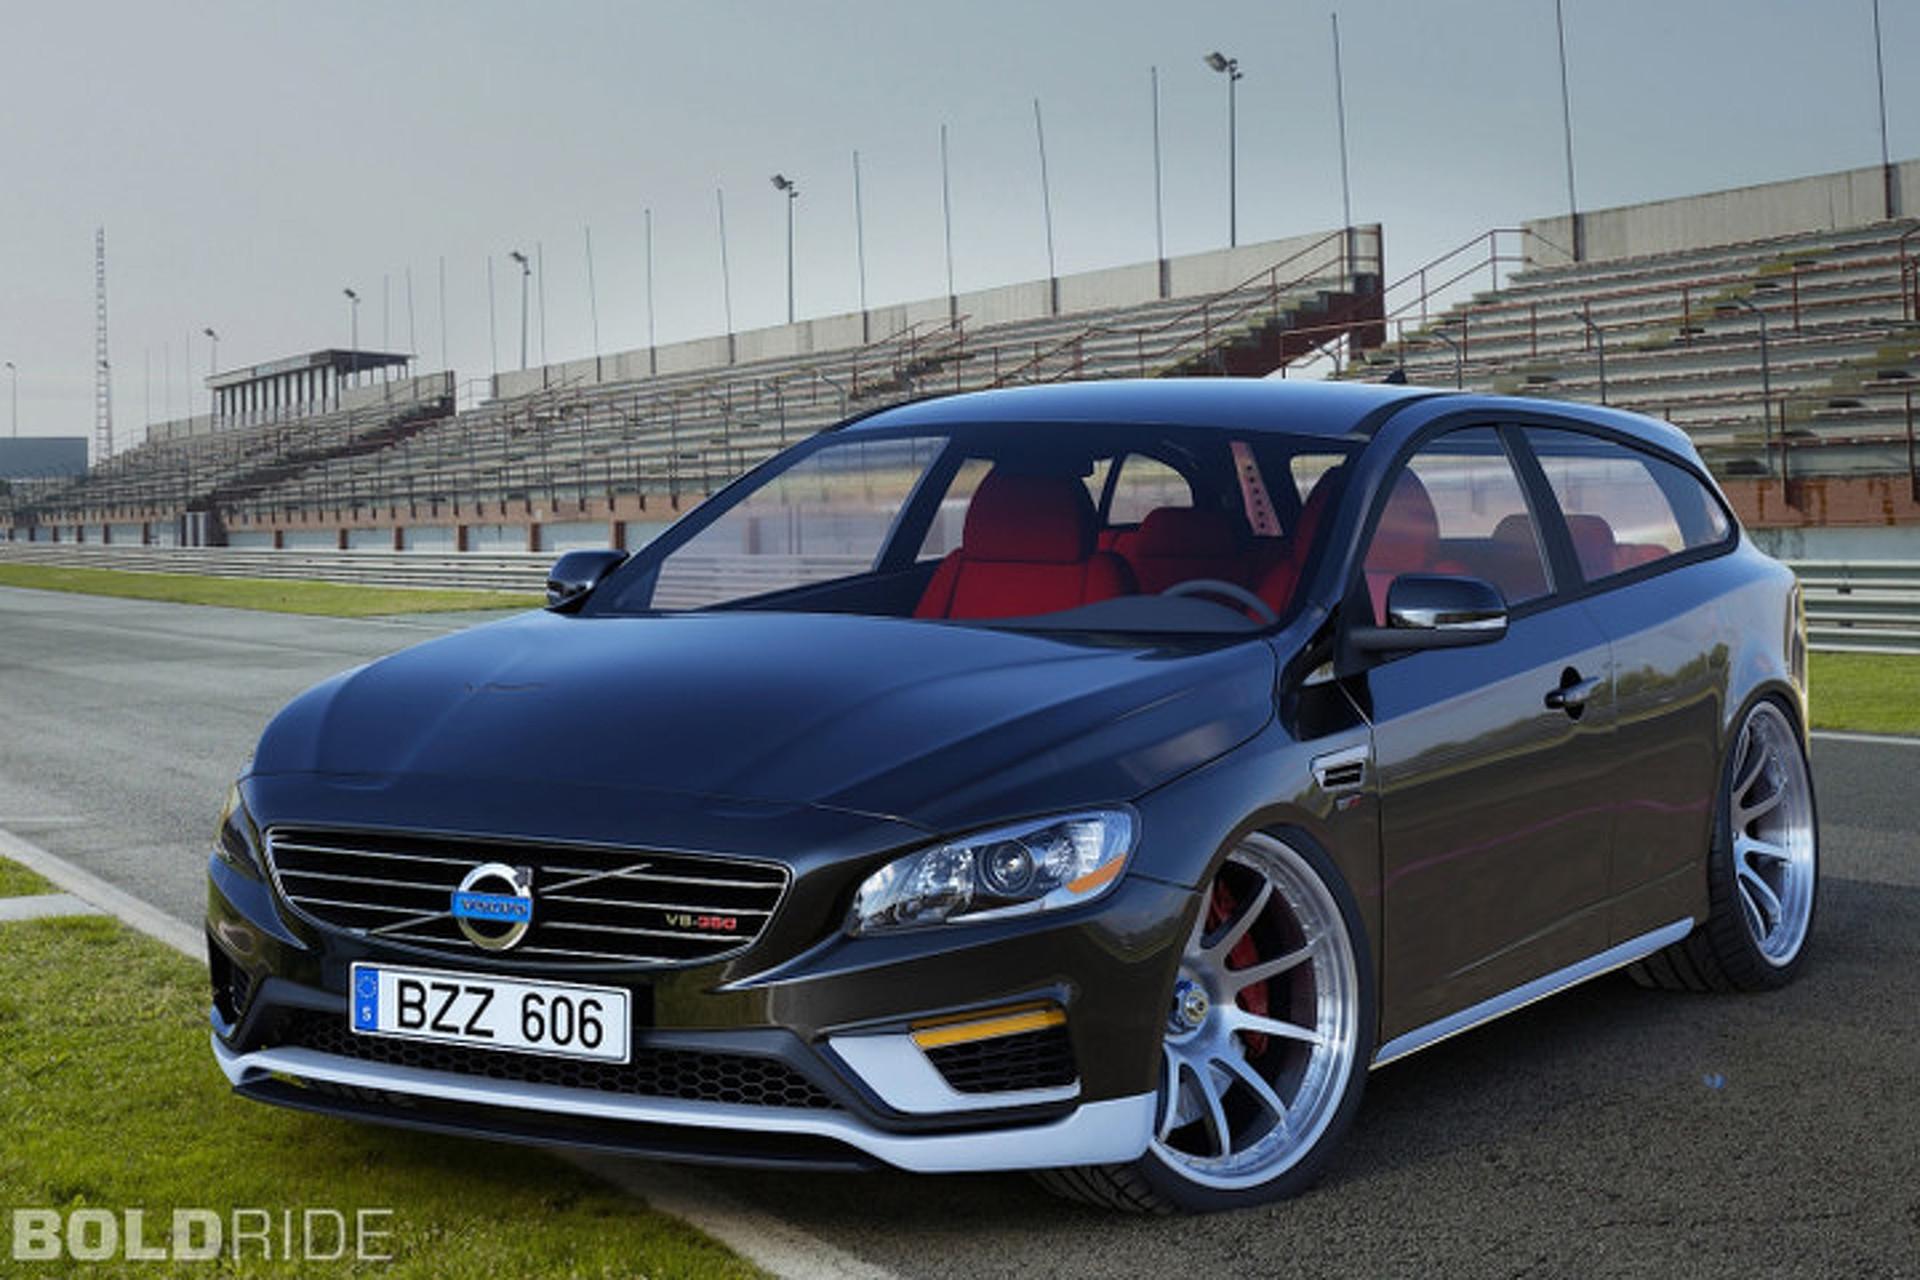 Volvo V60 2-Door Estate Concept is one Hot V8 Hatchback